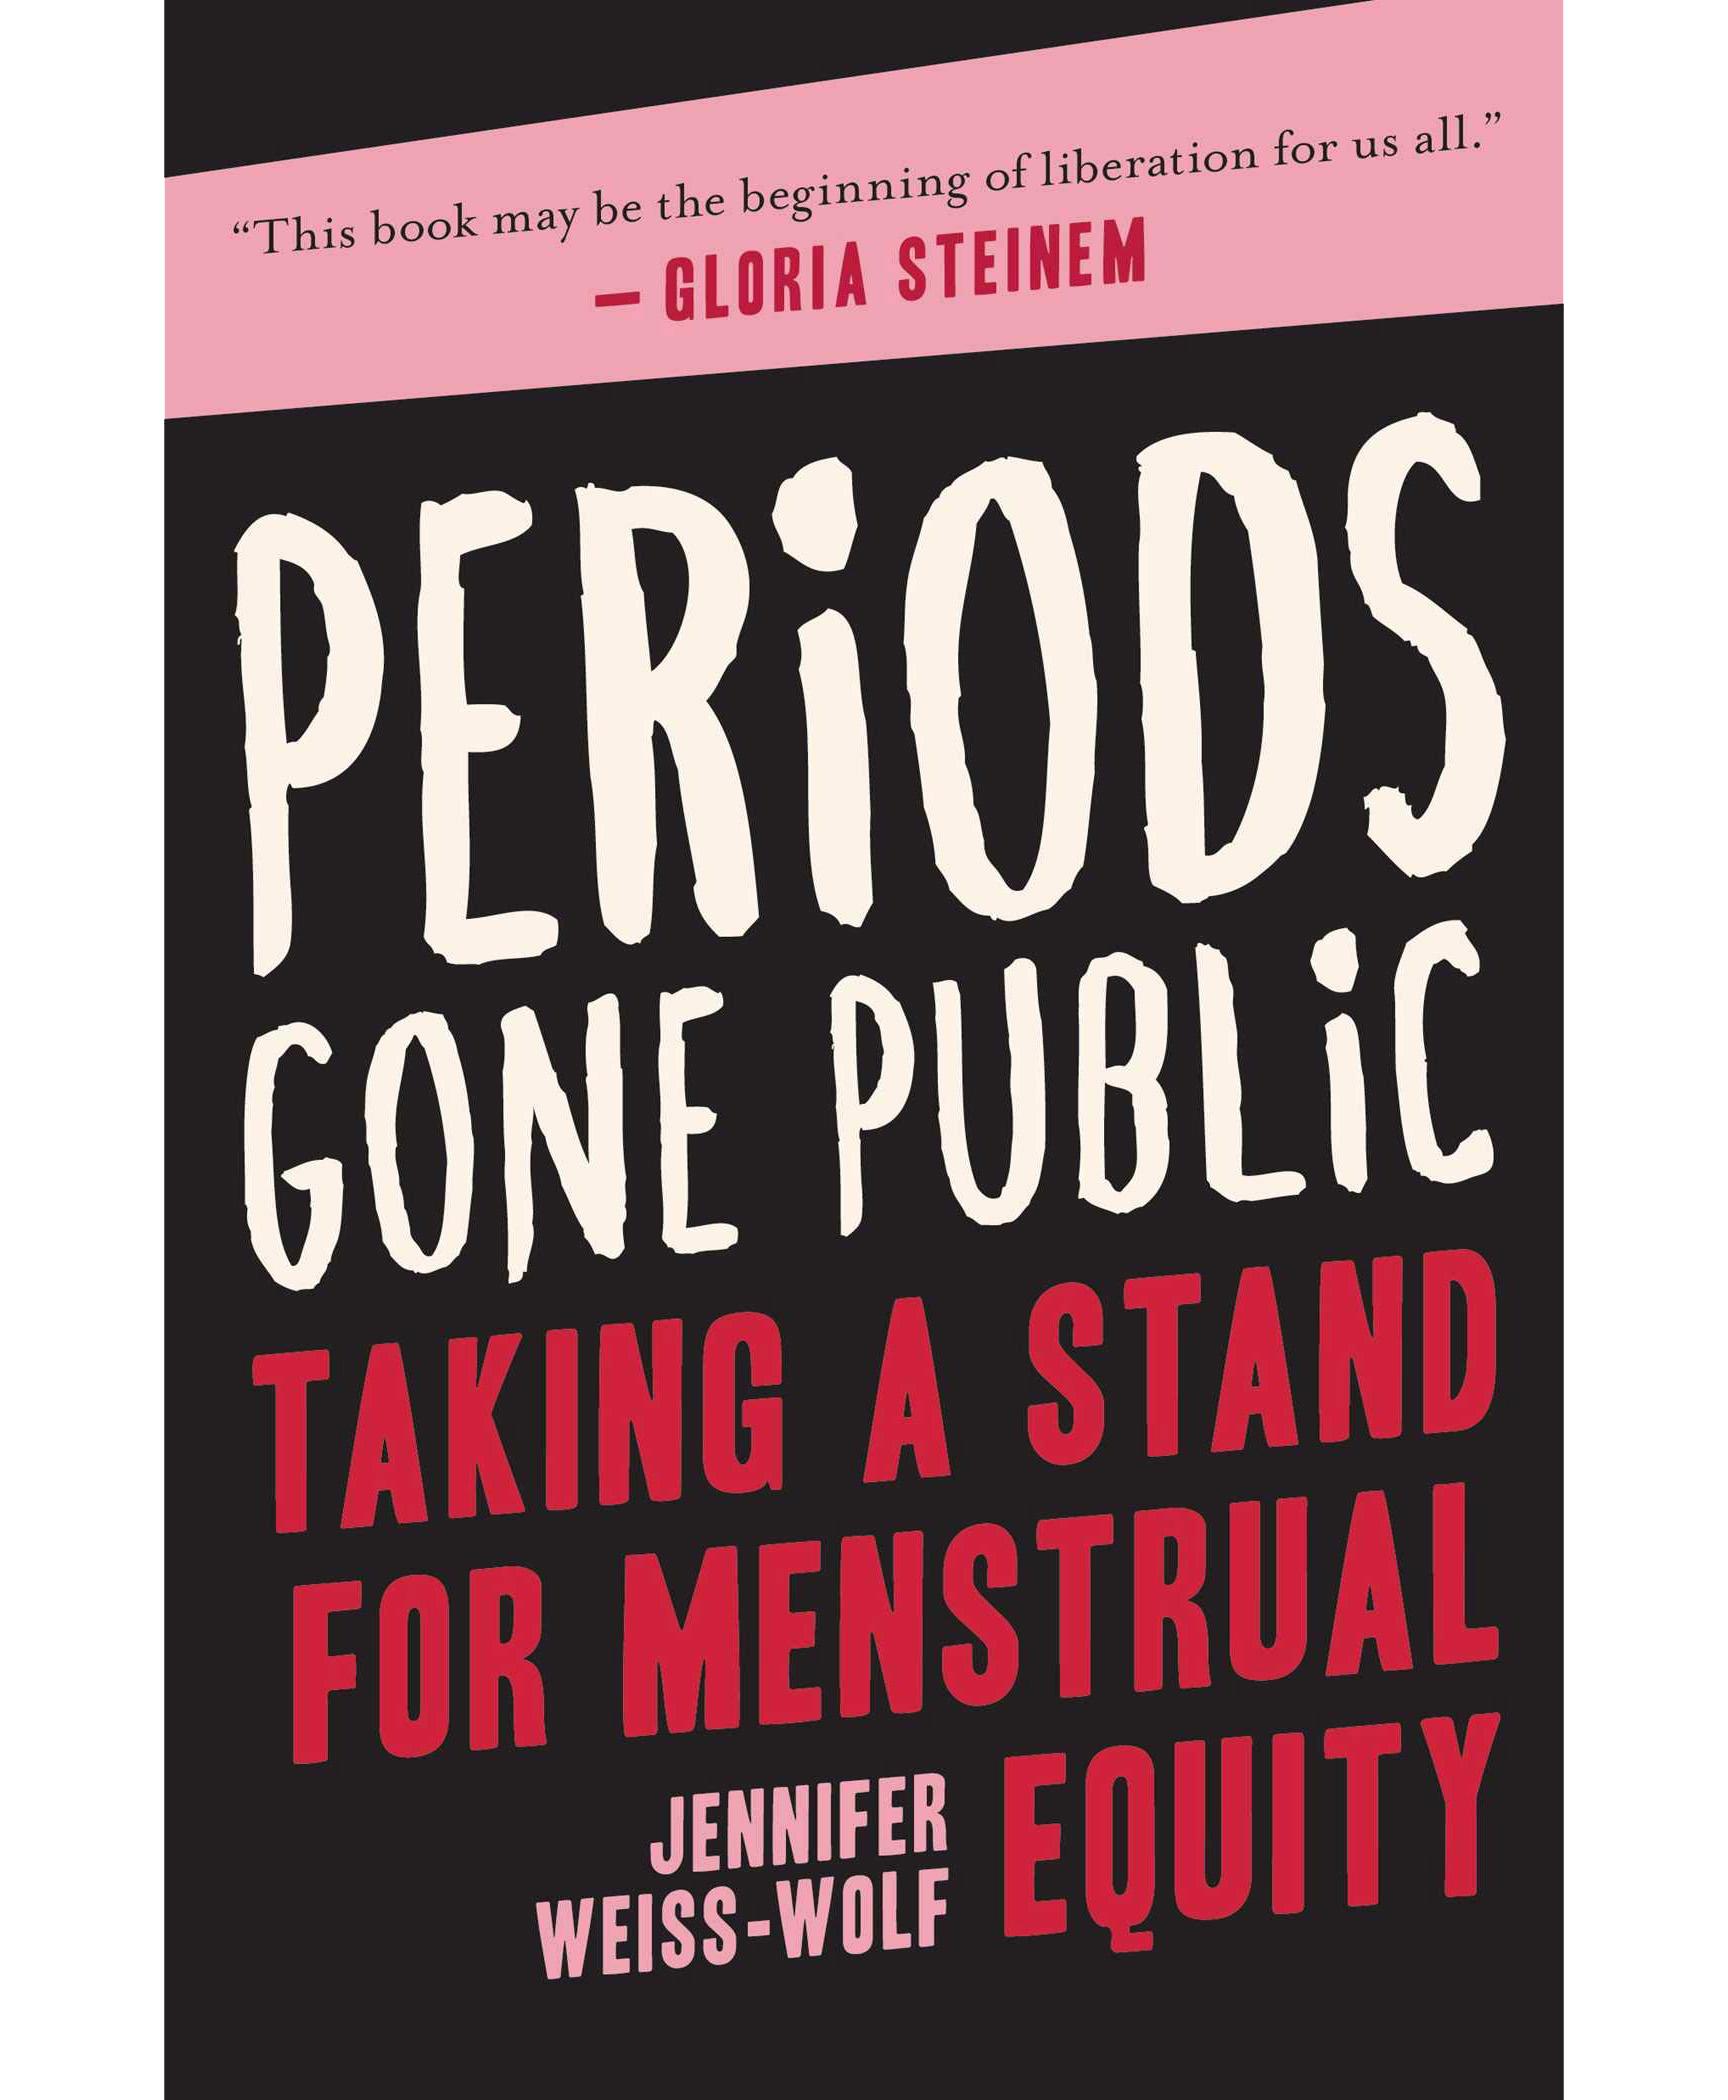 Periods_Gone_Public.jpg